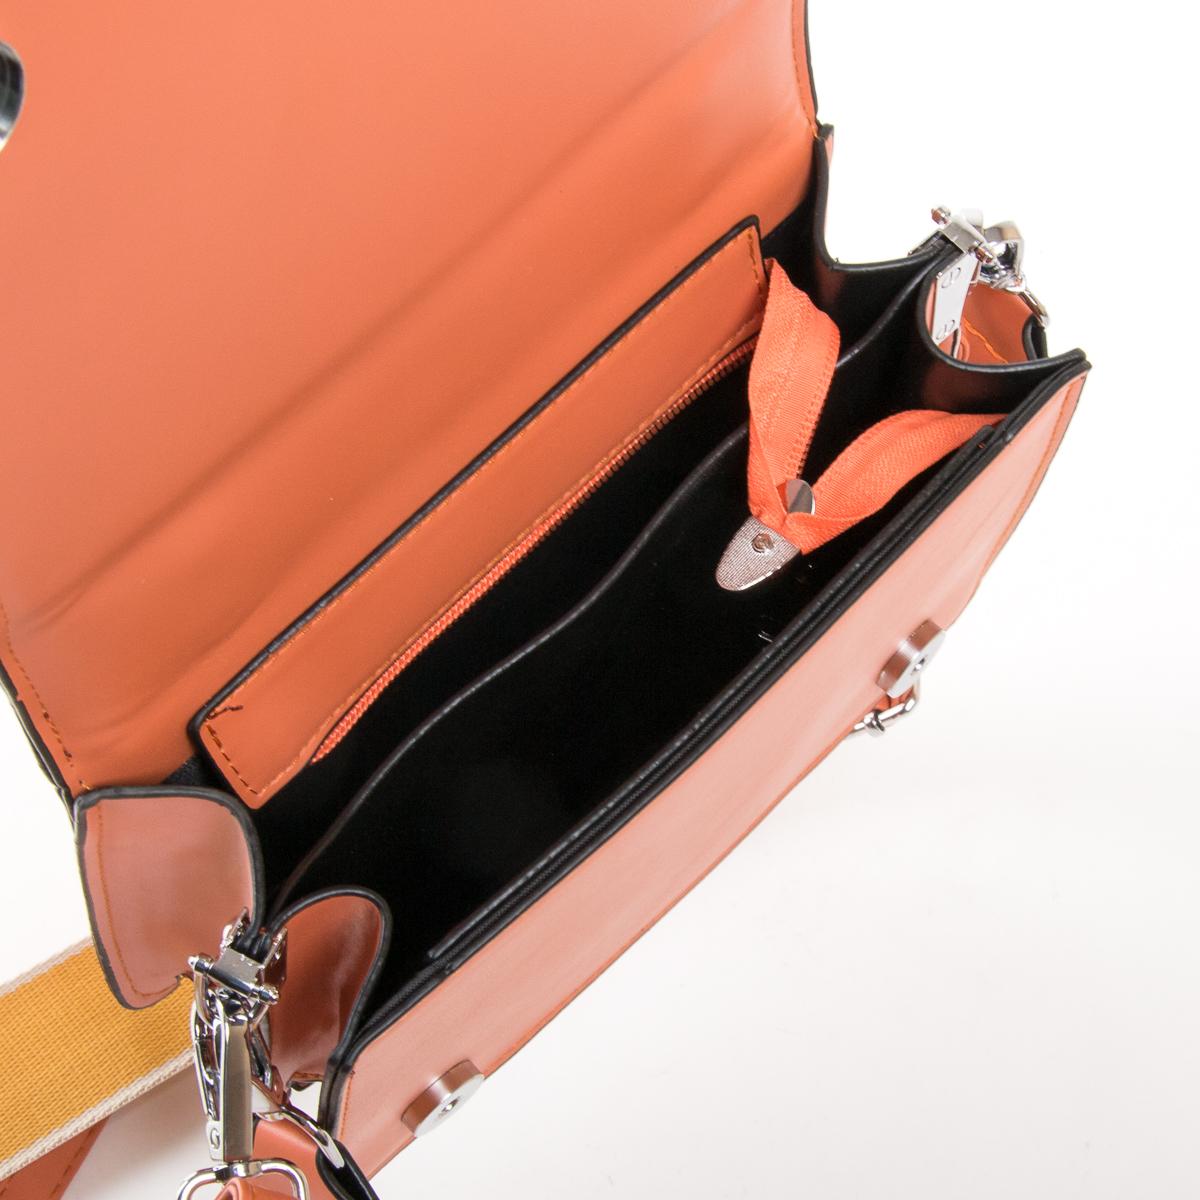 Сумка Женская Классическая иск-кожа FASHION 01-04 18576 orange - фото 5